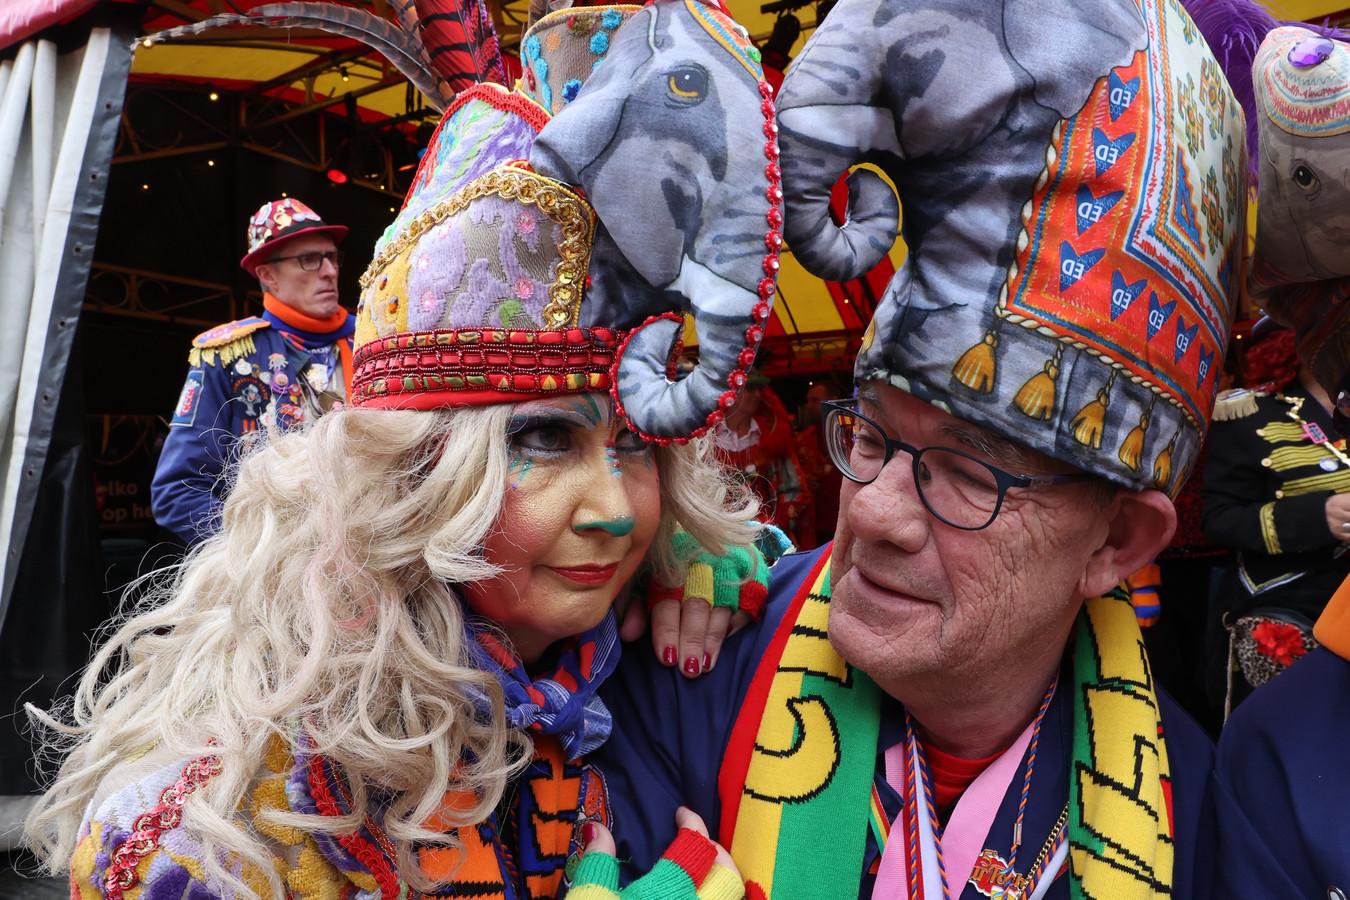 De dertigste prins Bock dun Urste van carnavalsvereniging Wilhelmina is bedroefd over het afblazen van de optocht in Eindhoven.